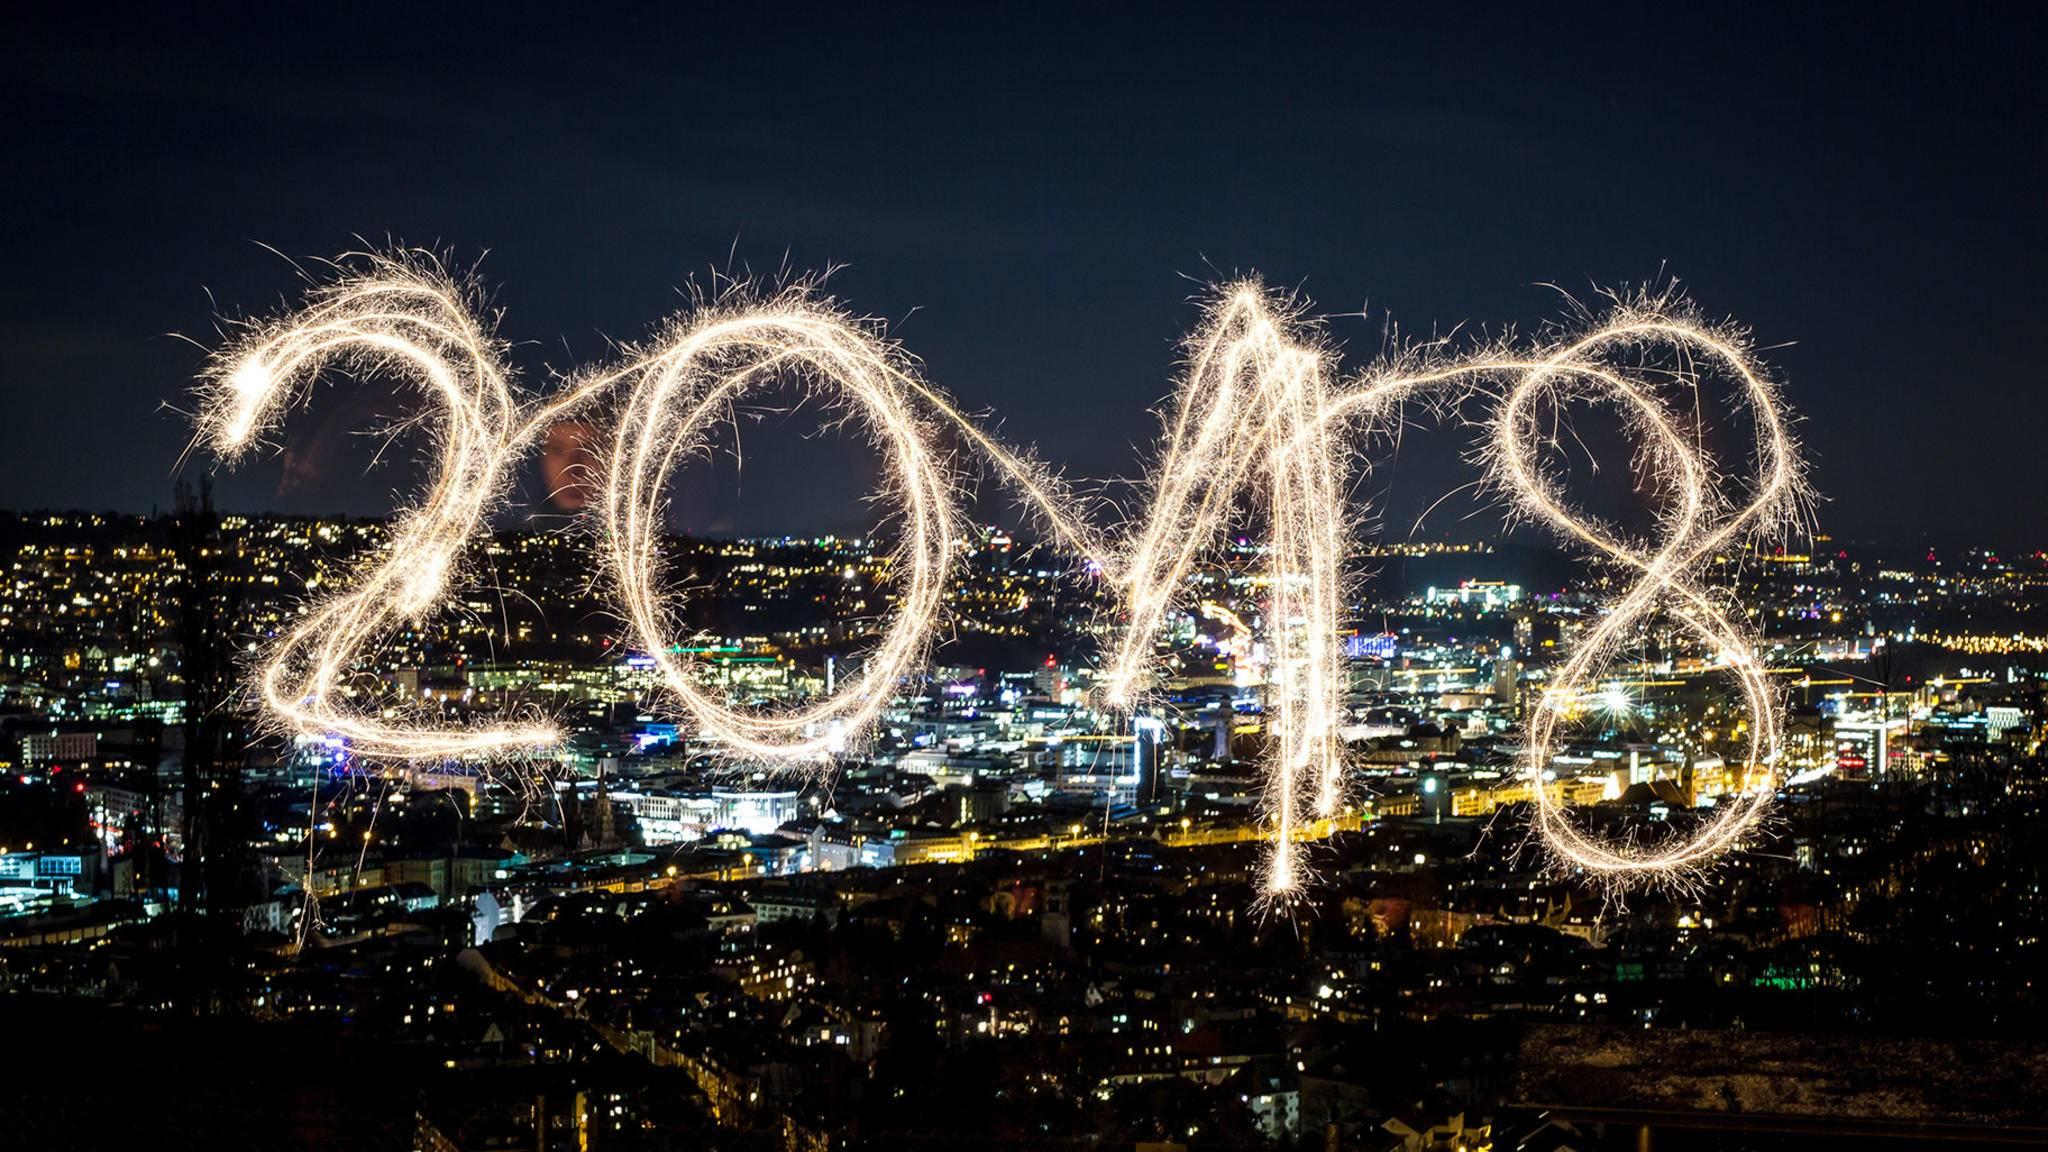 In wenigen Stunden können wir das Jahr 2018 begrüßen – wir wünschen einen guten Rutsch!